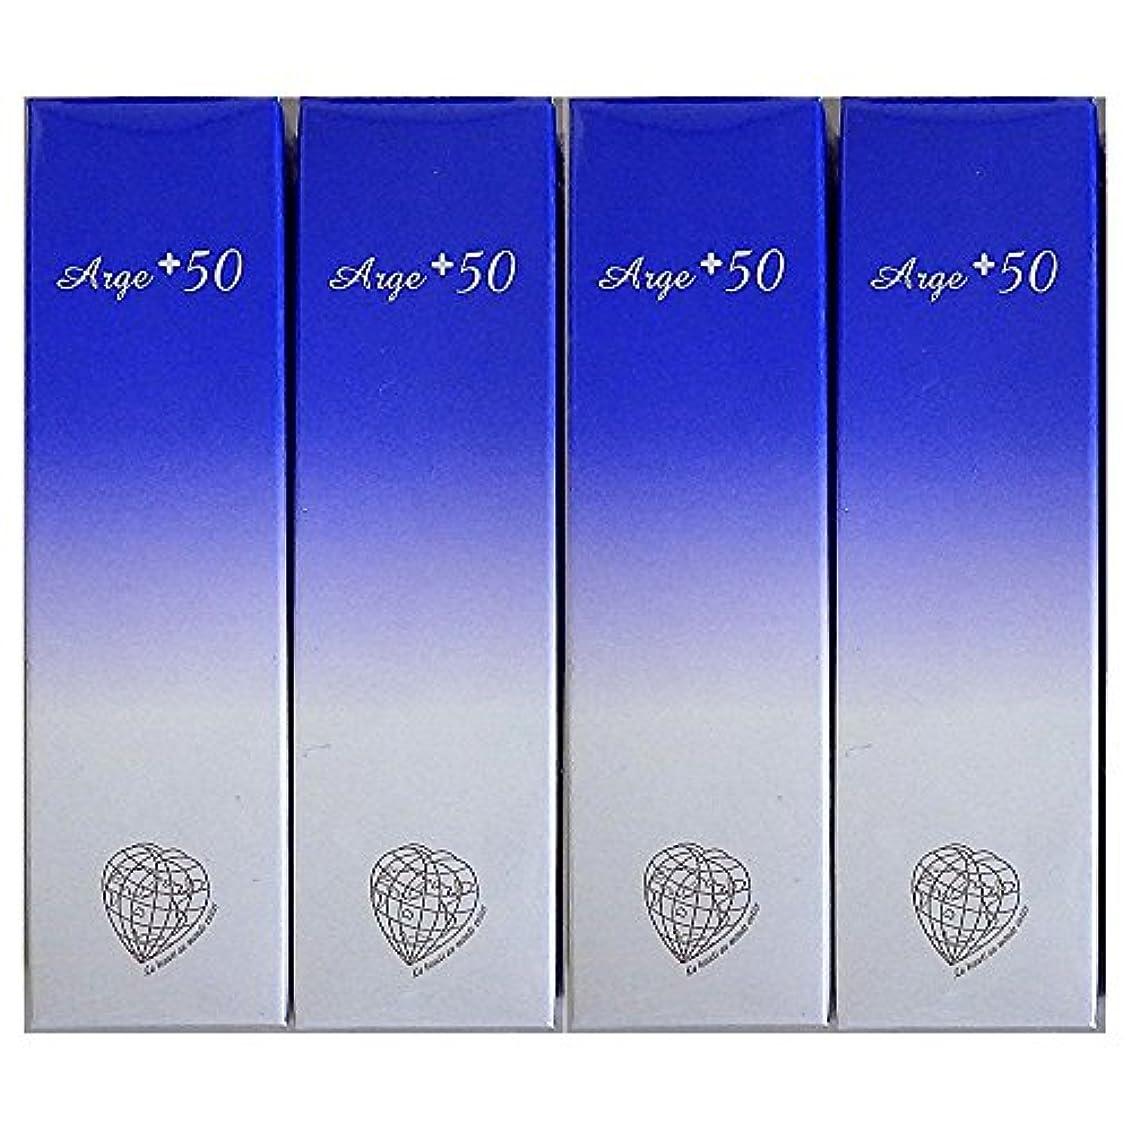 未亡人扱いやすいテーマアルジェプラス50 4本セット